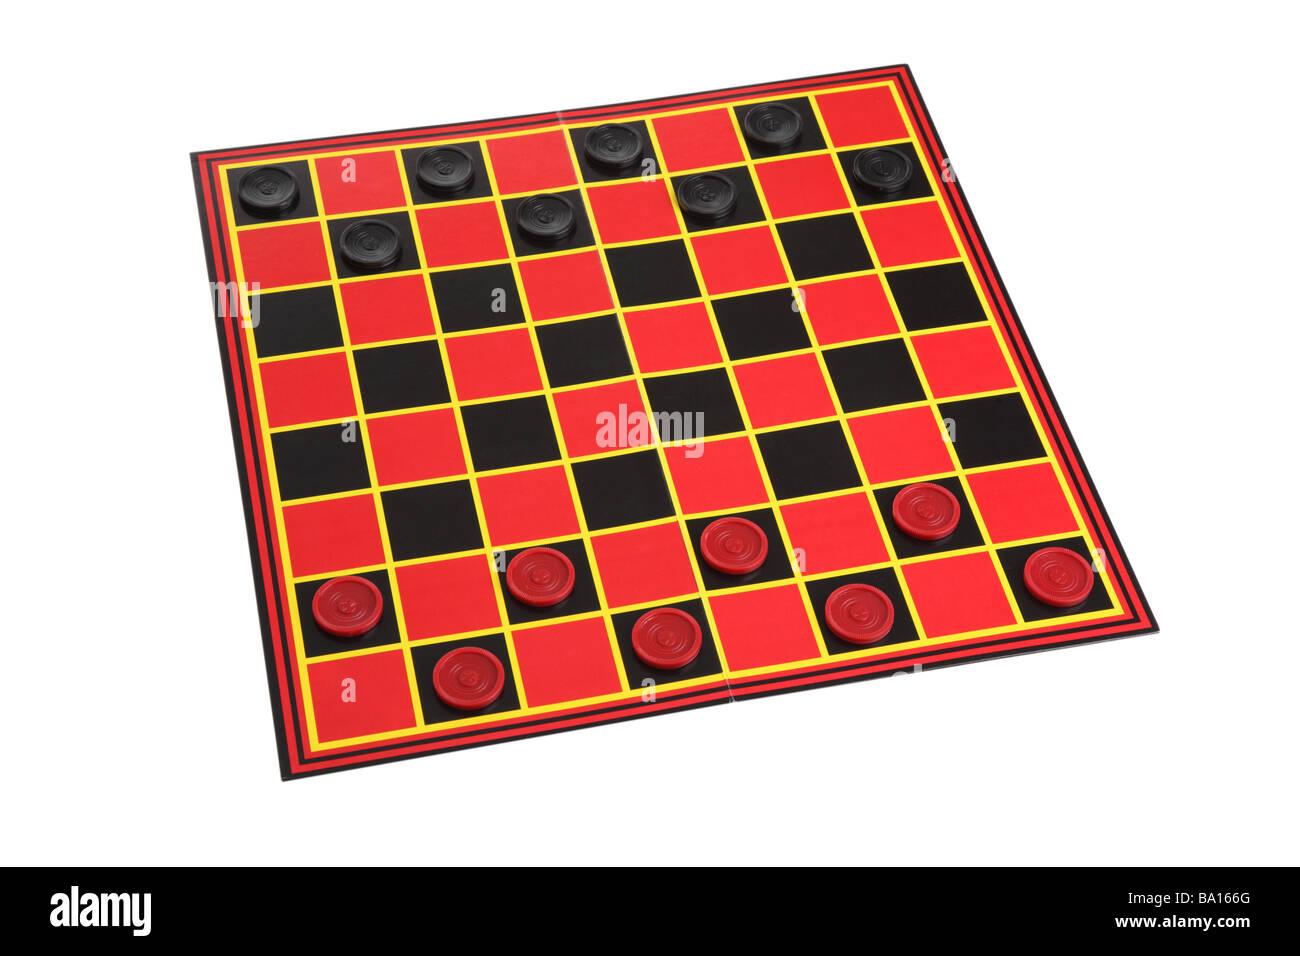 Checkers Spiel Board Ausschnitt auf weißem Hintergrund Stockfoto